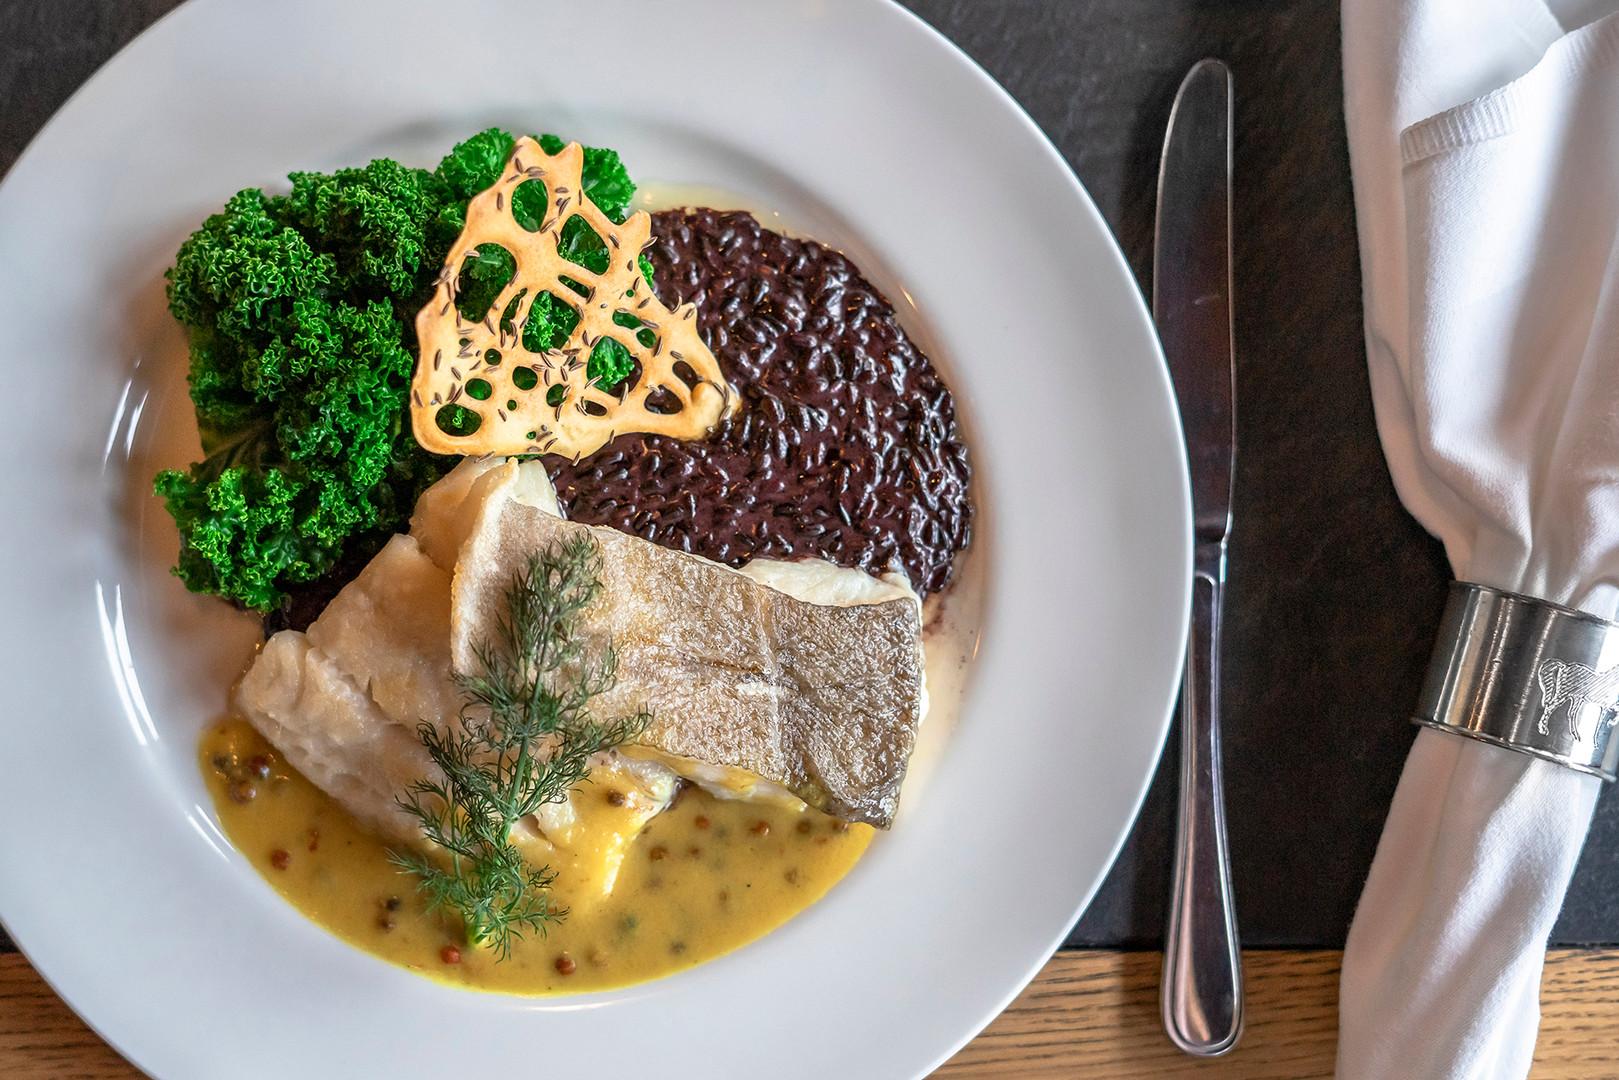 Fischgericht mit Gemüse und Risotto im Restaurant Rössli Hü in Root